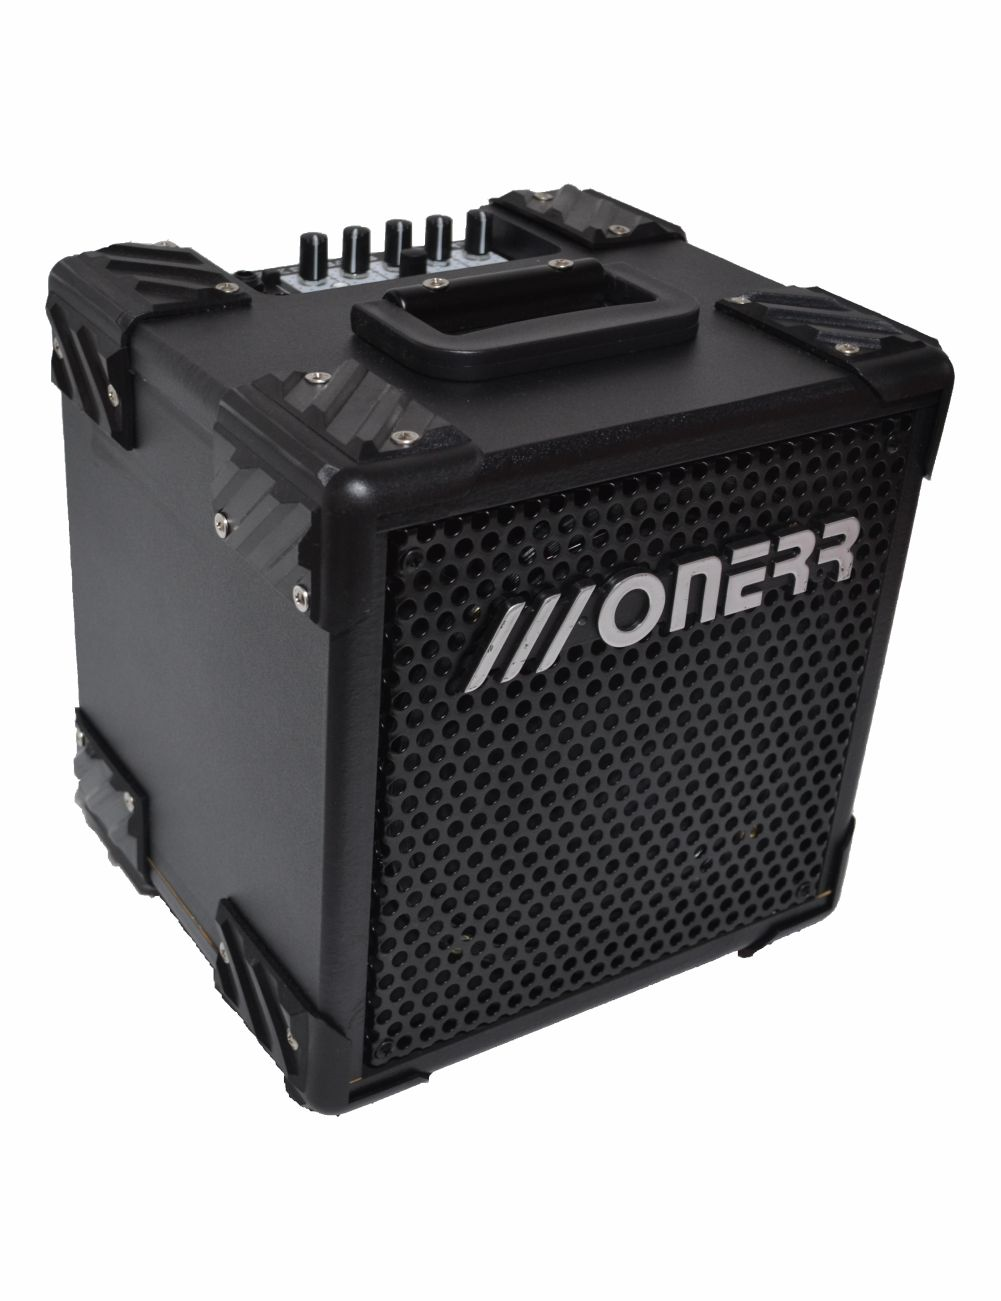 Caixa Amplificada Onerr Block 30 Bass BT-Tuner